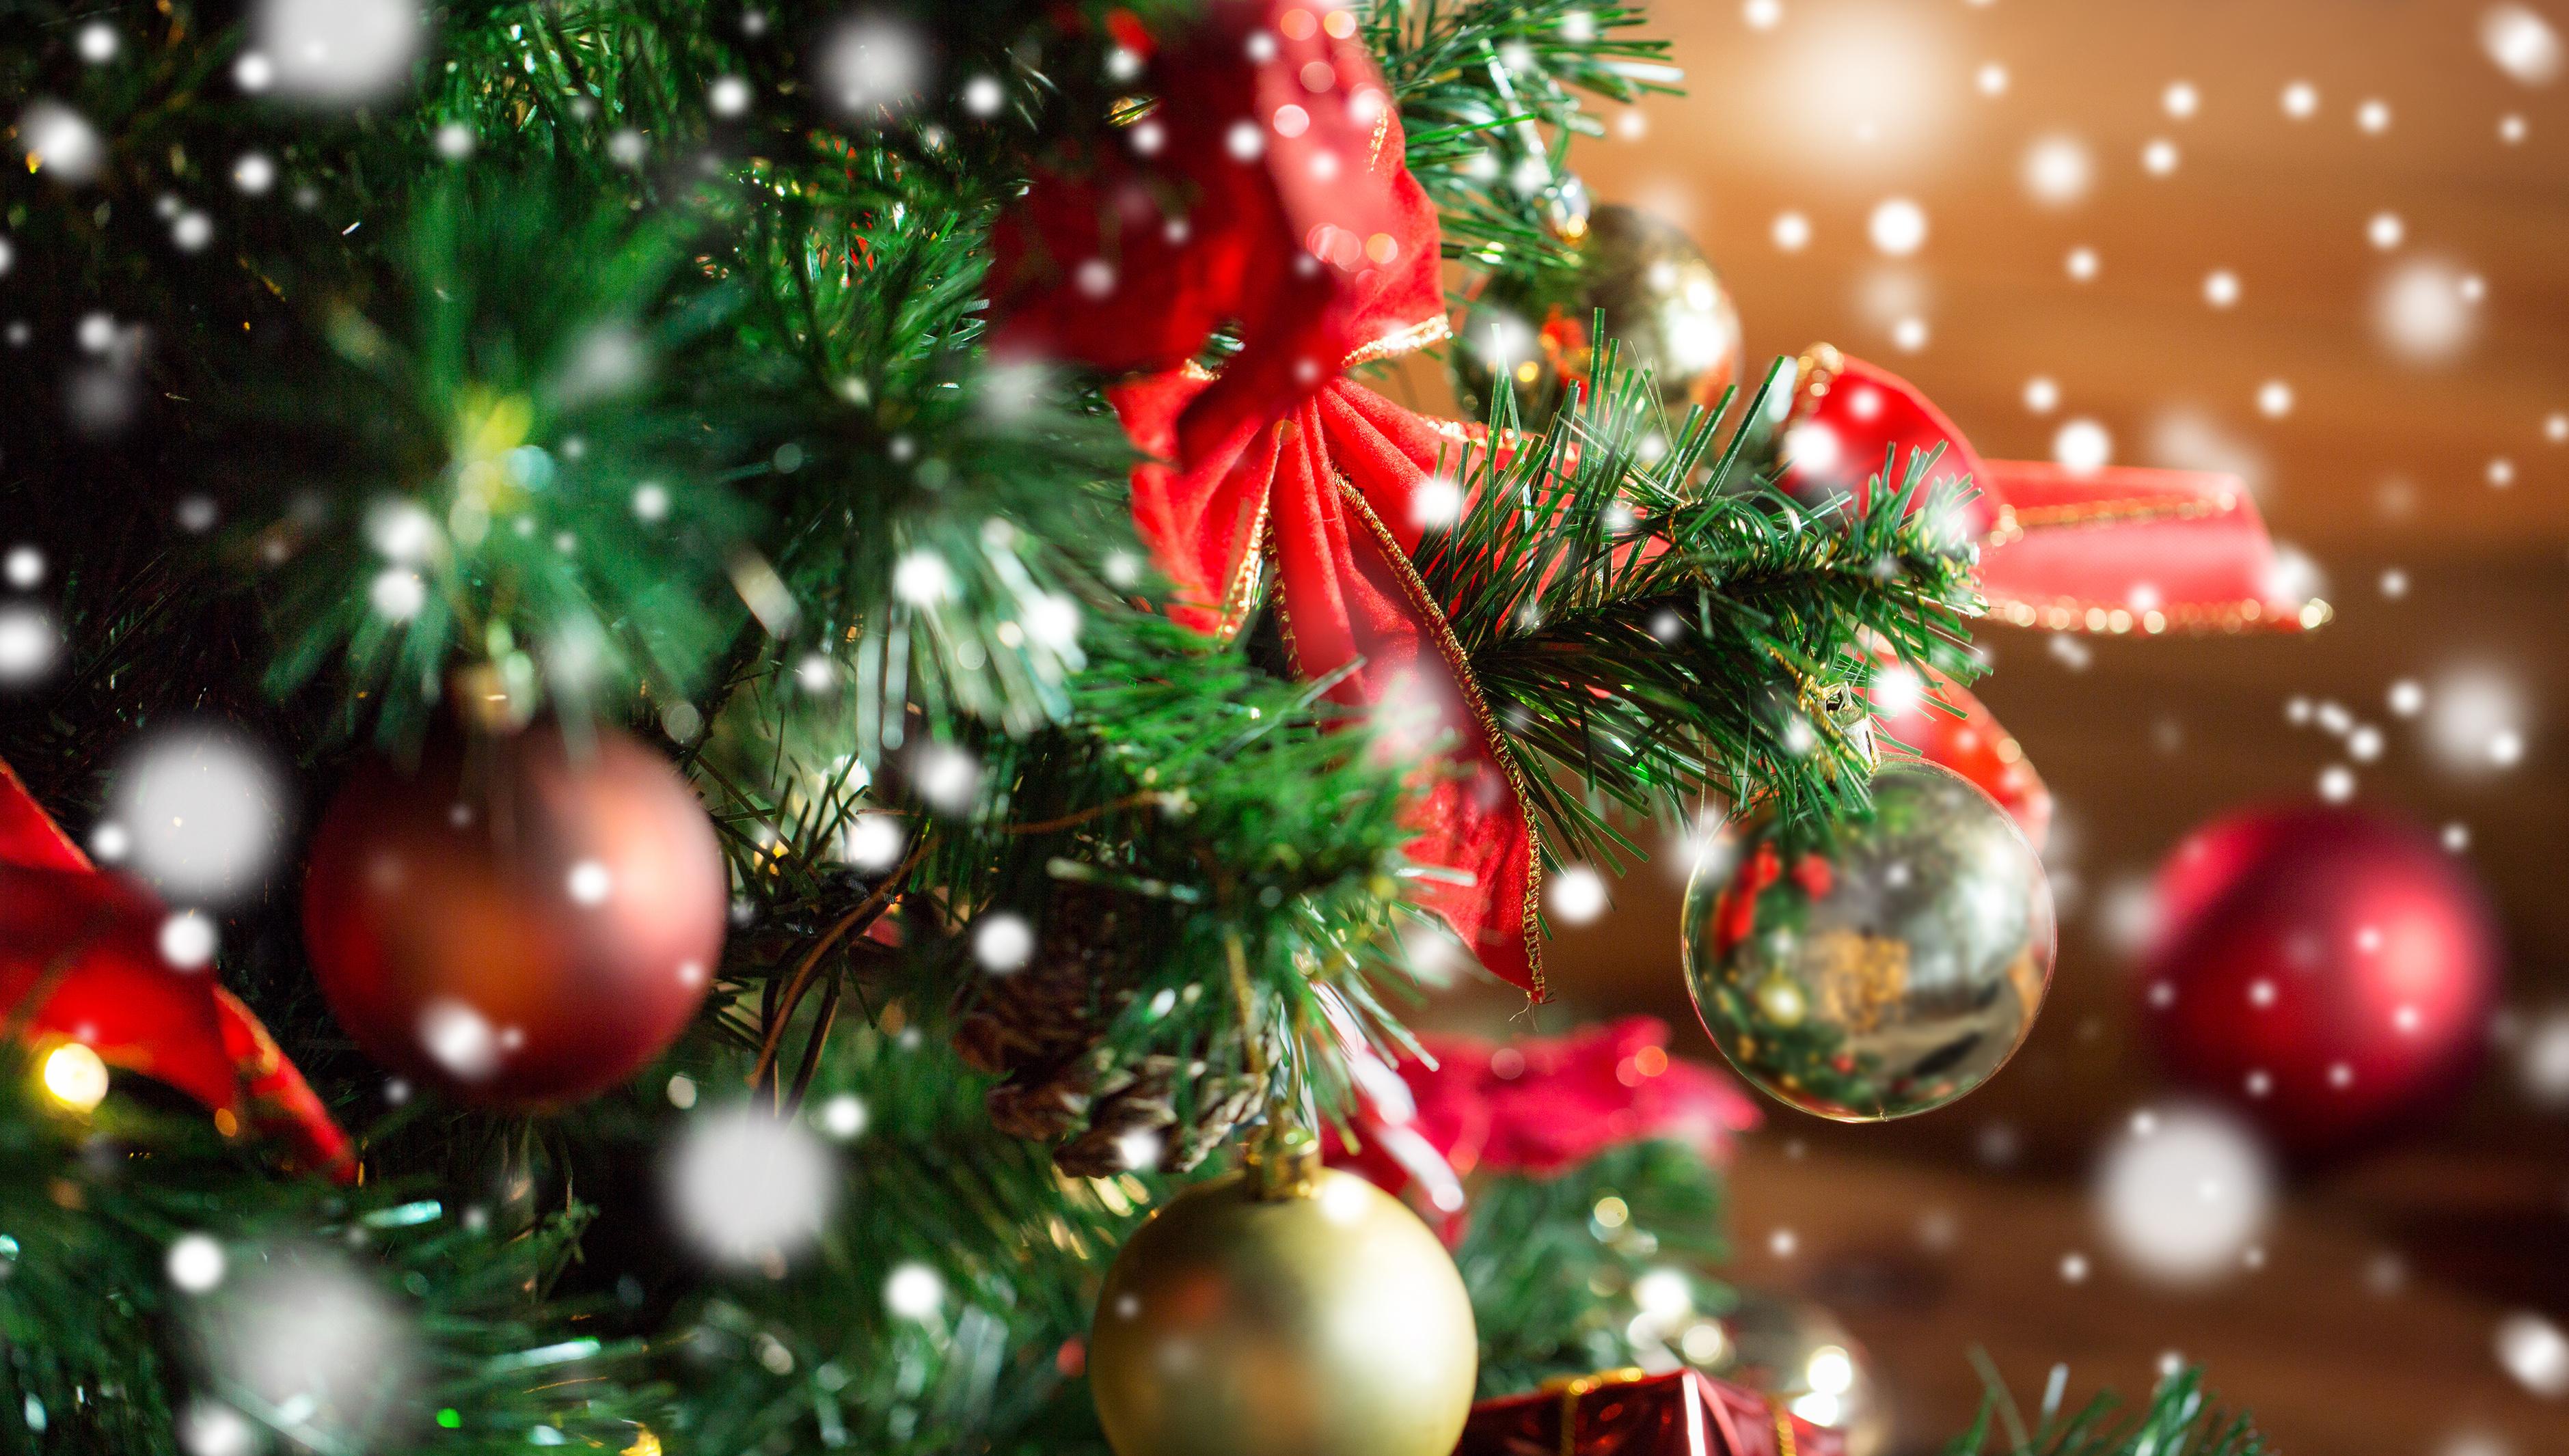 圣诞将至,蓝猫建议可以这样装扮房间!超有圣诞气氛!!